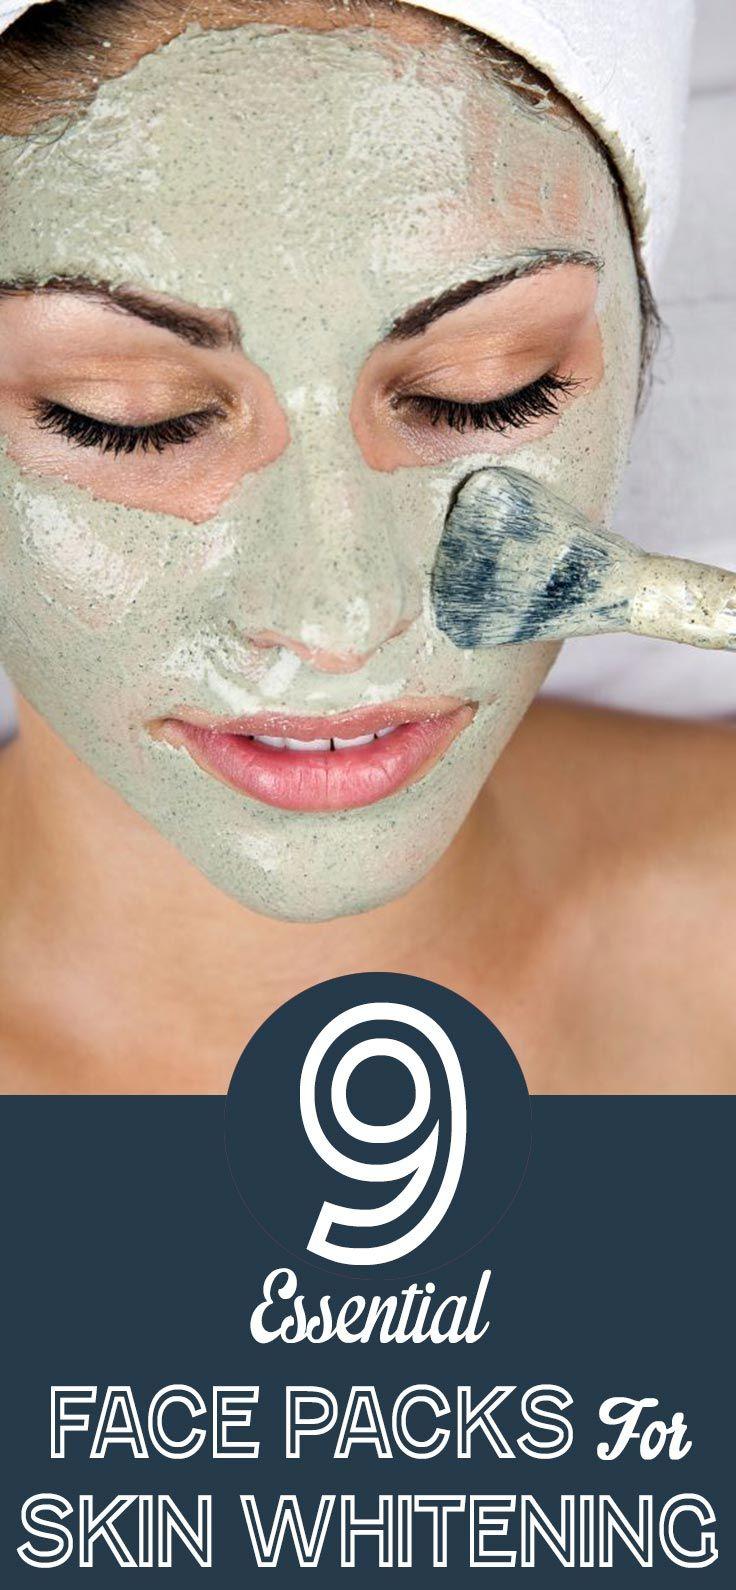 9 Essential Face Packs For Skin Whitening